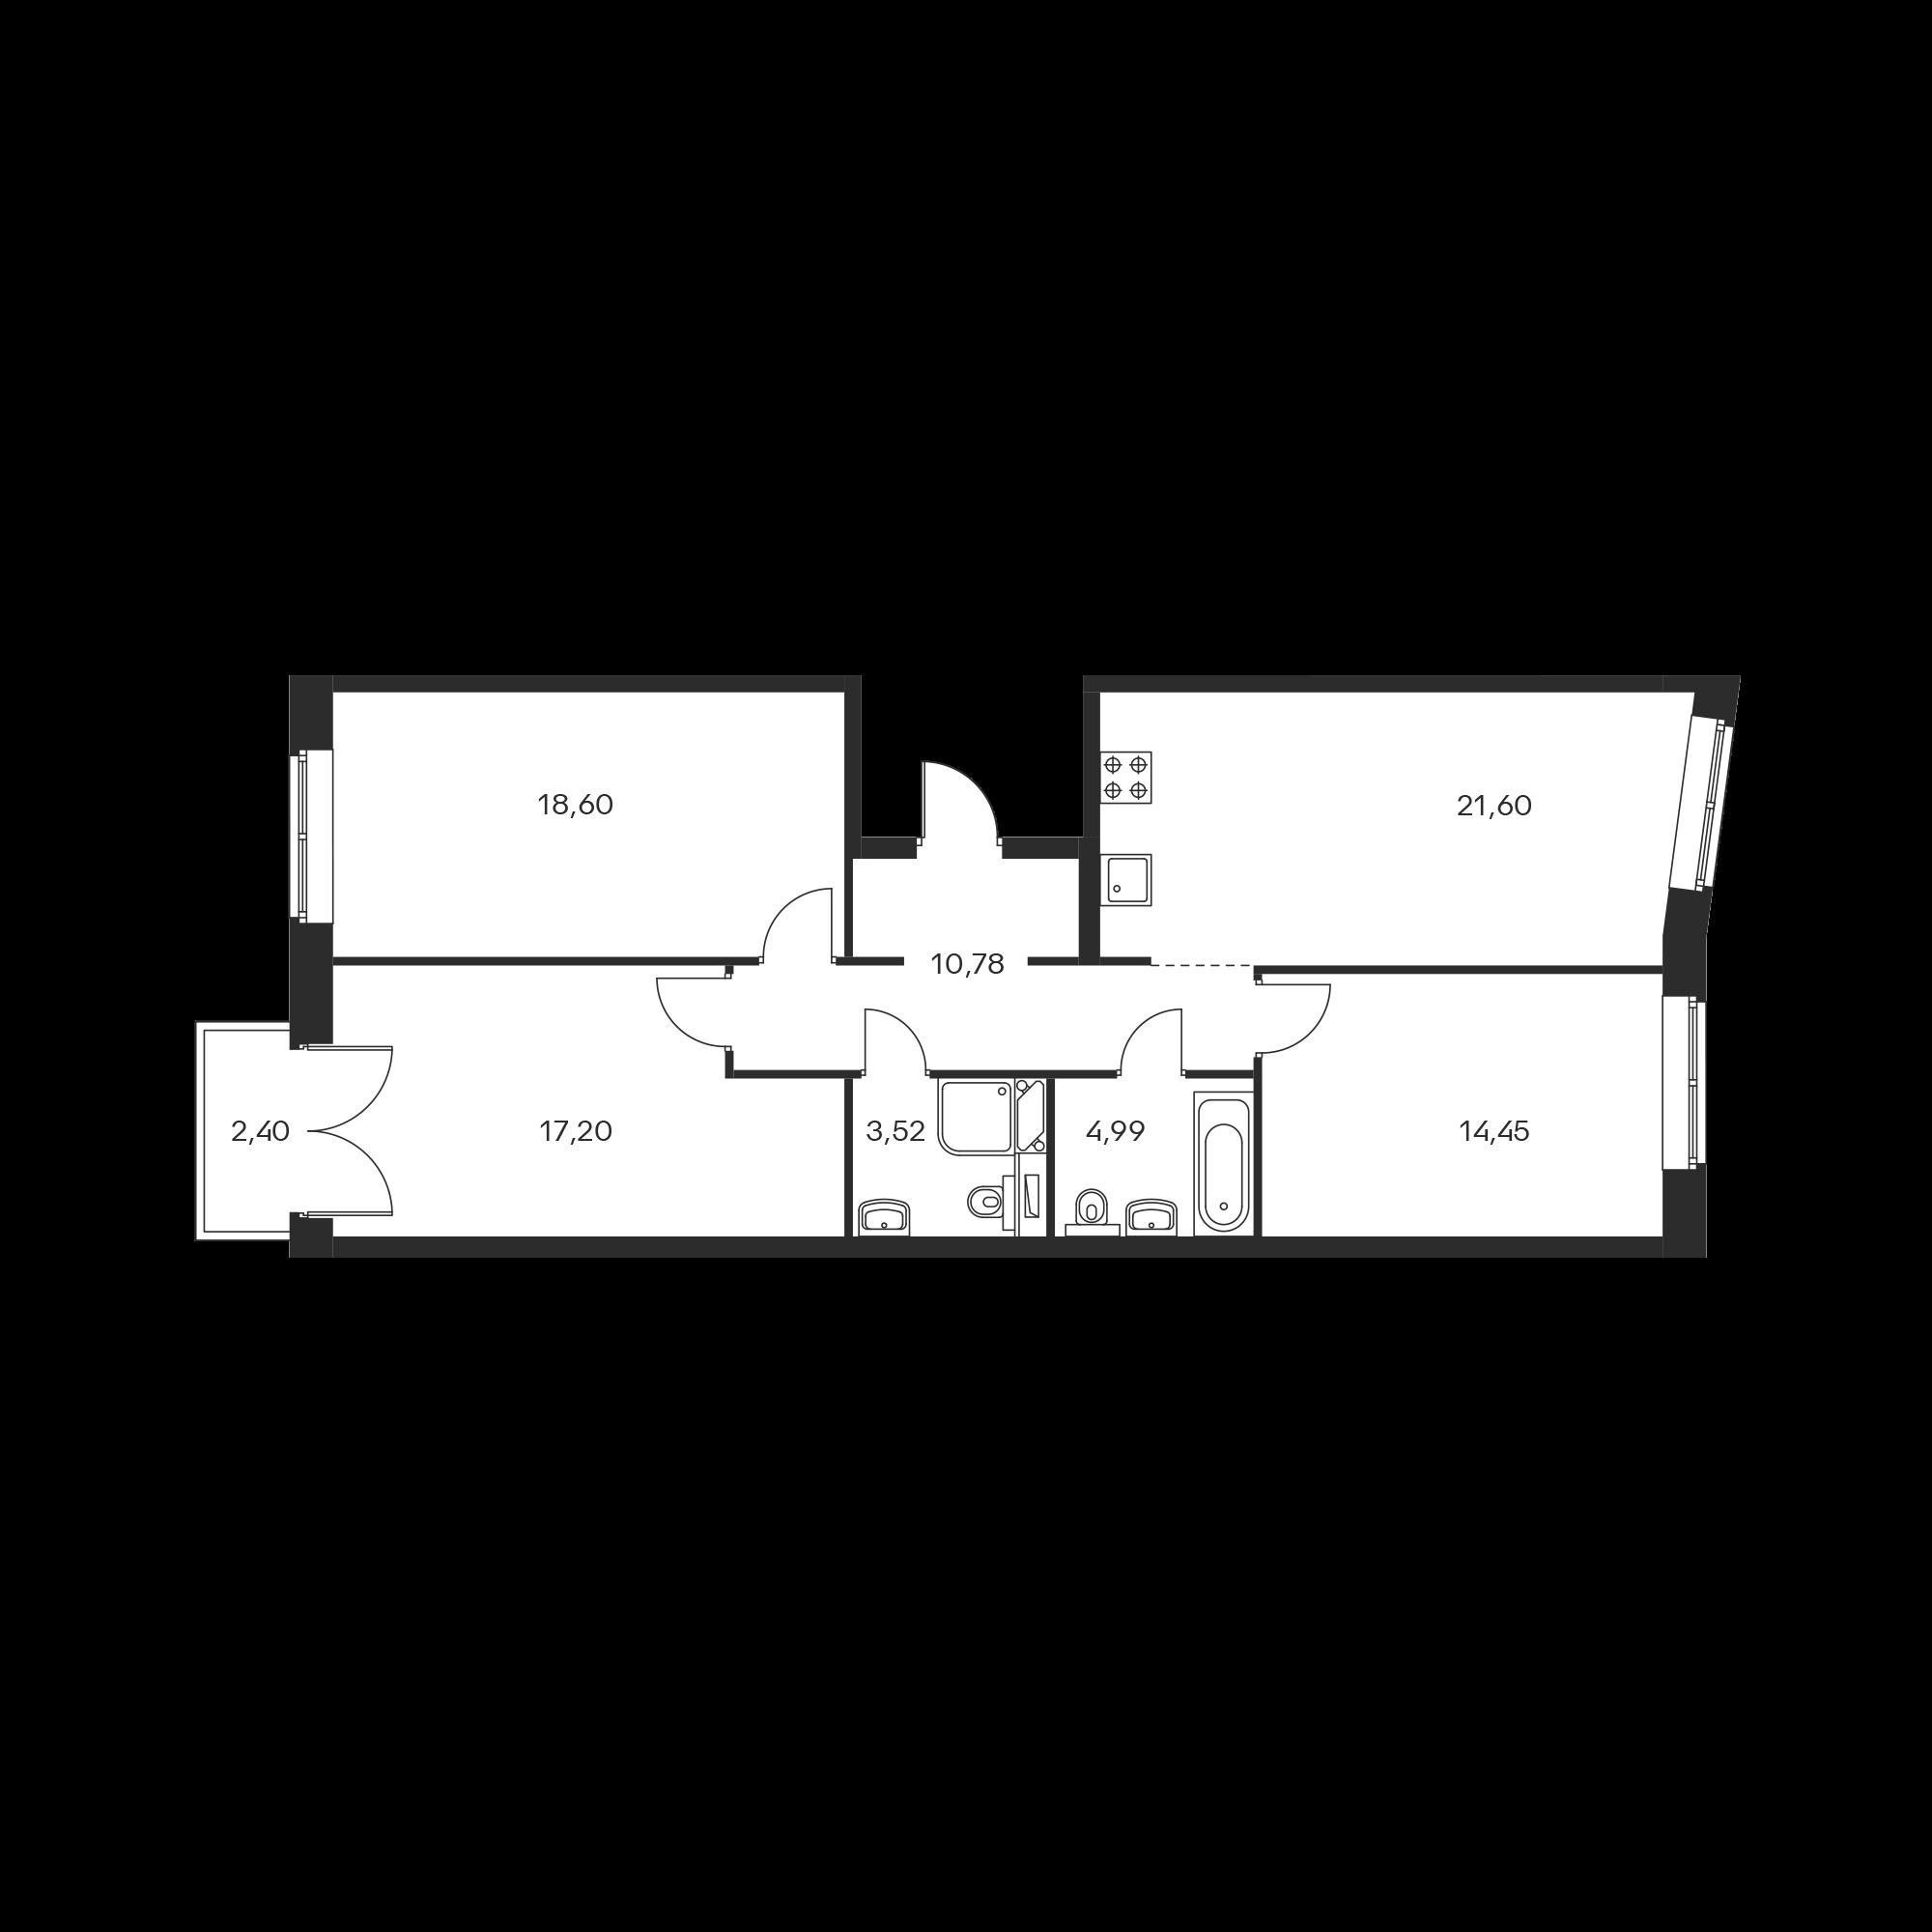 3-комнатная 91.86 м²